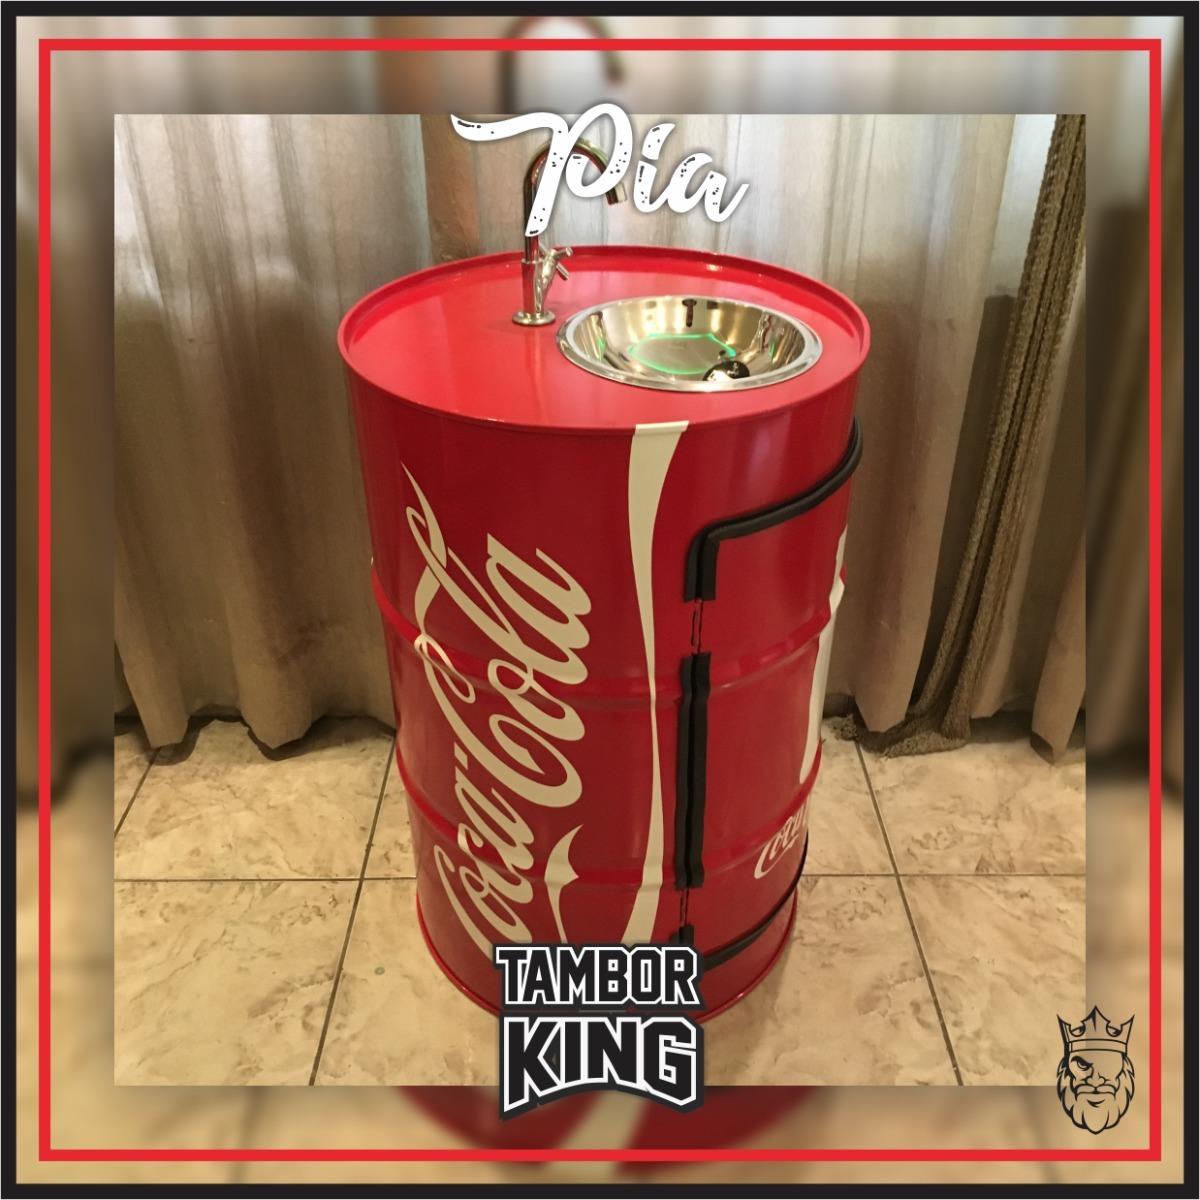 b7bd91d420 Pia Coca-cola - Tonel barril tambor - Decorativo Coca-cola - R  998 ...